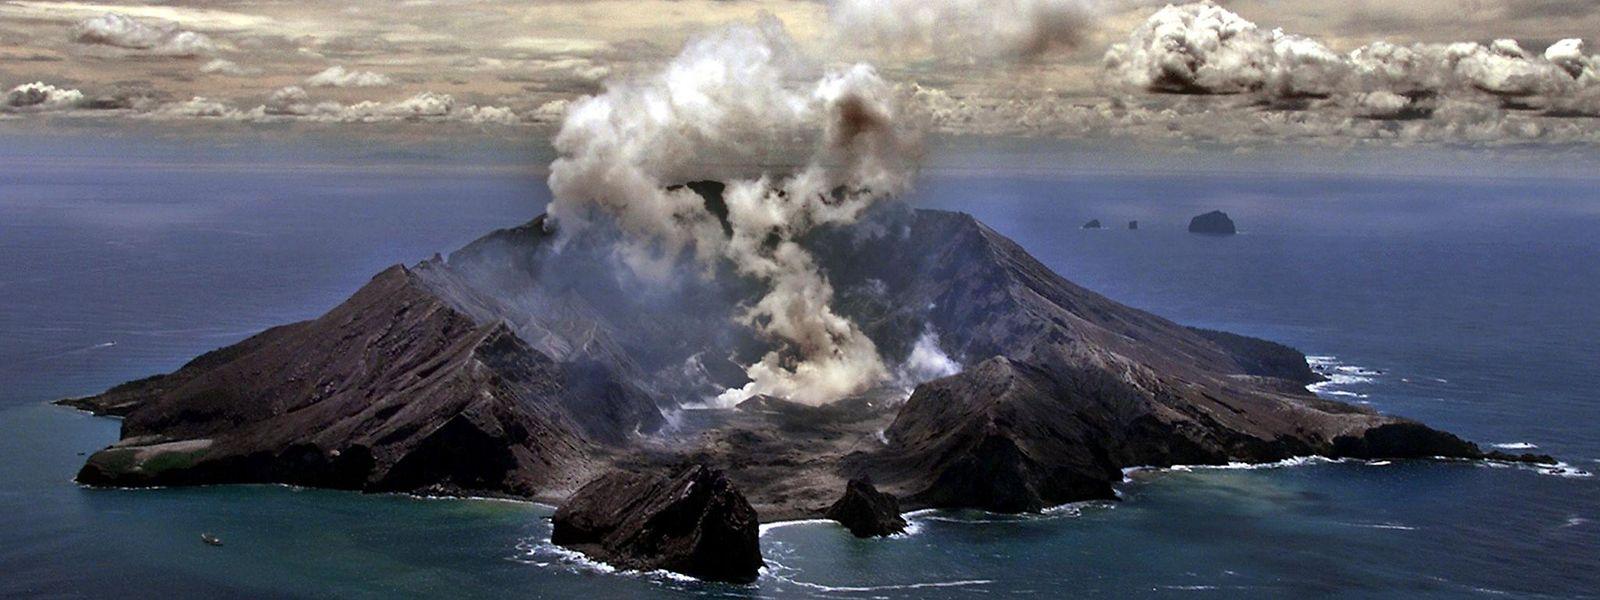 Der Krater von White Island auf einem Archivfoto - er ist Neuseelands aktivster Vulkan.